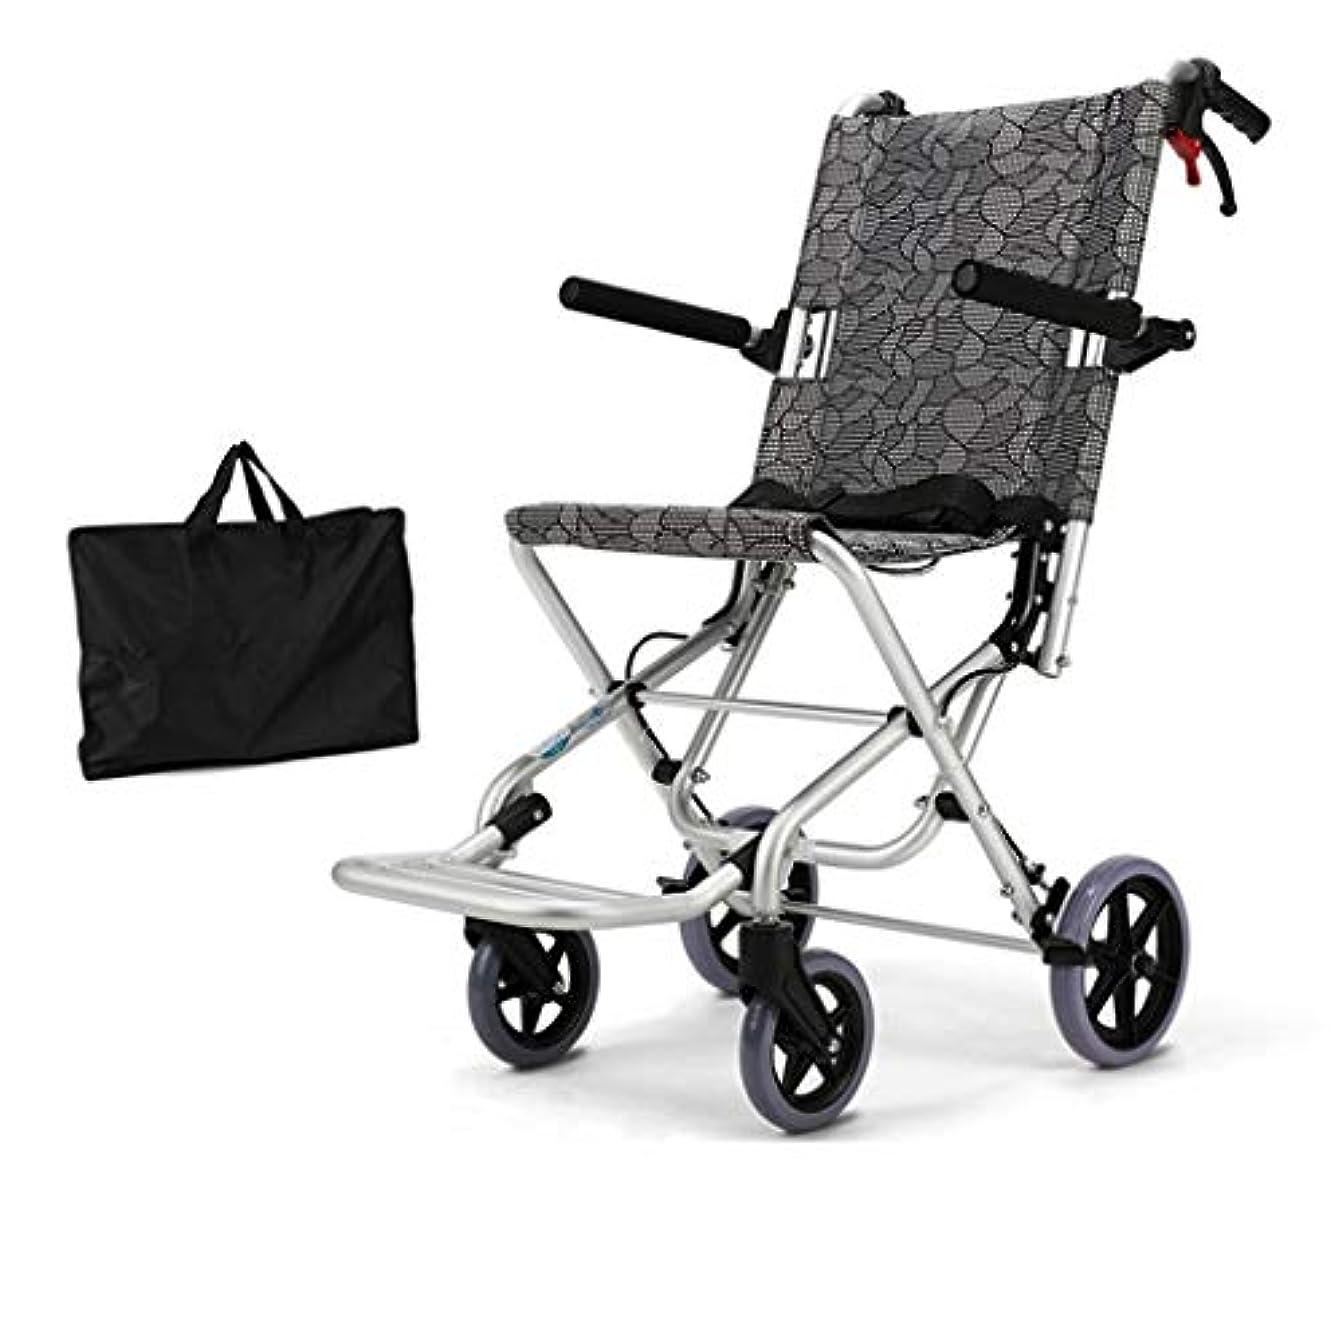 回復援助雨の車椅子用アルミニウム合金折りたたみ式、高齢者障害者用ポータブルプッシュ車椅子